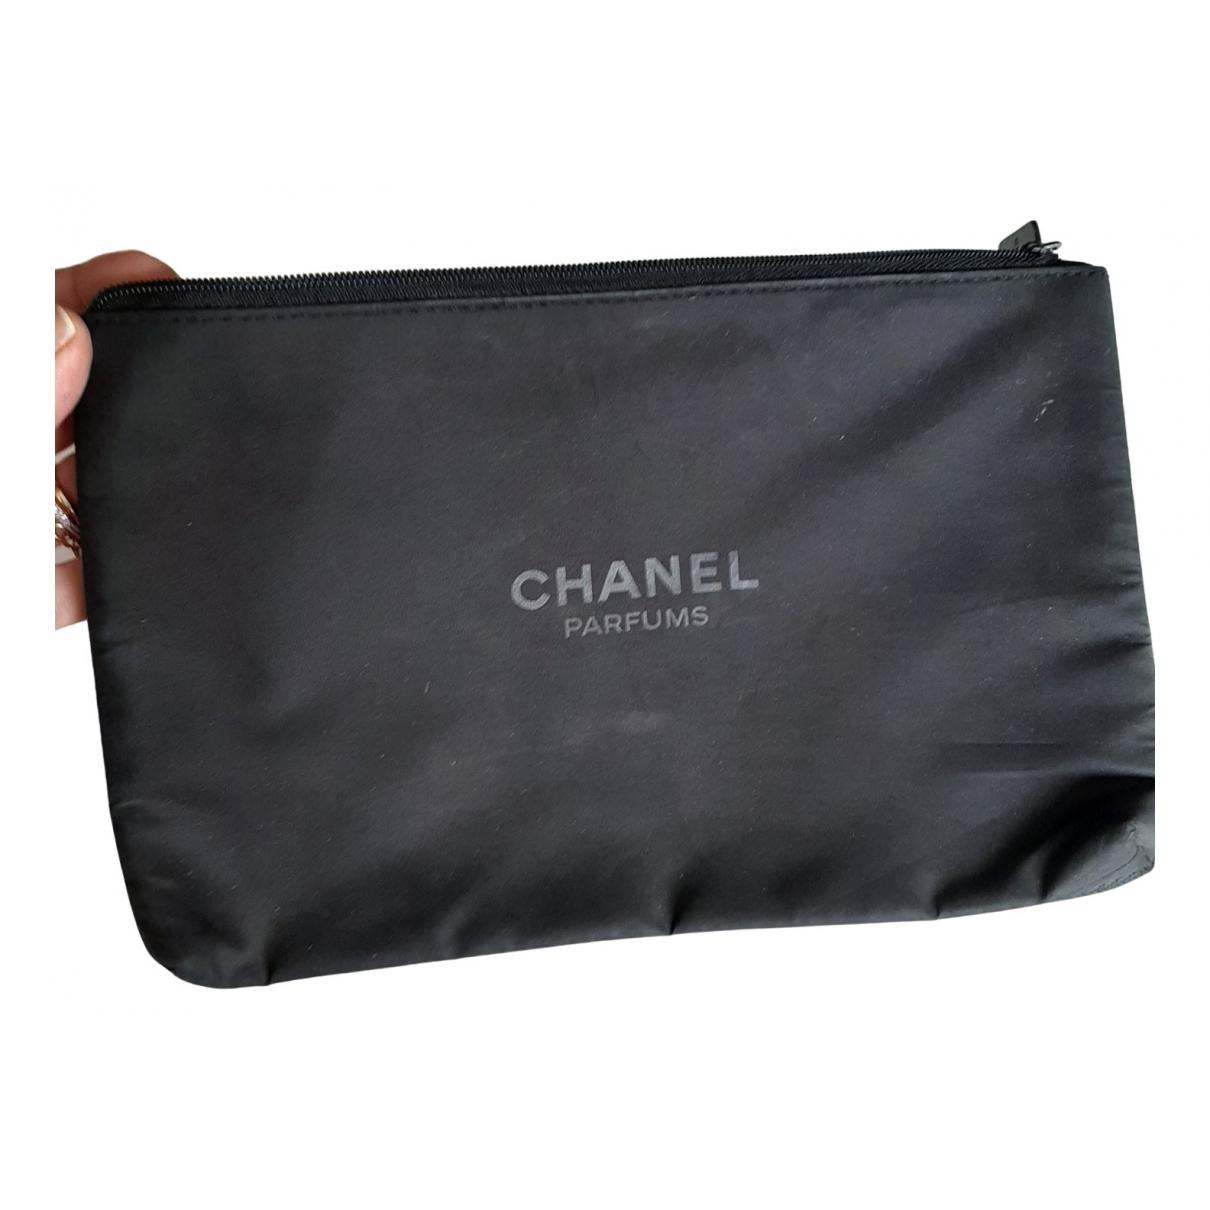 Chanel - Sac de voyage   pour femme - noir